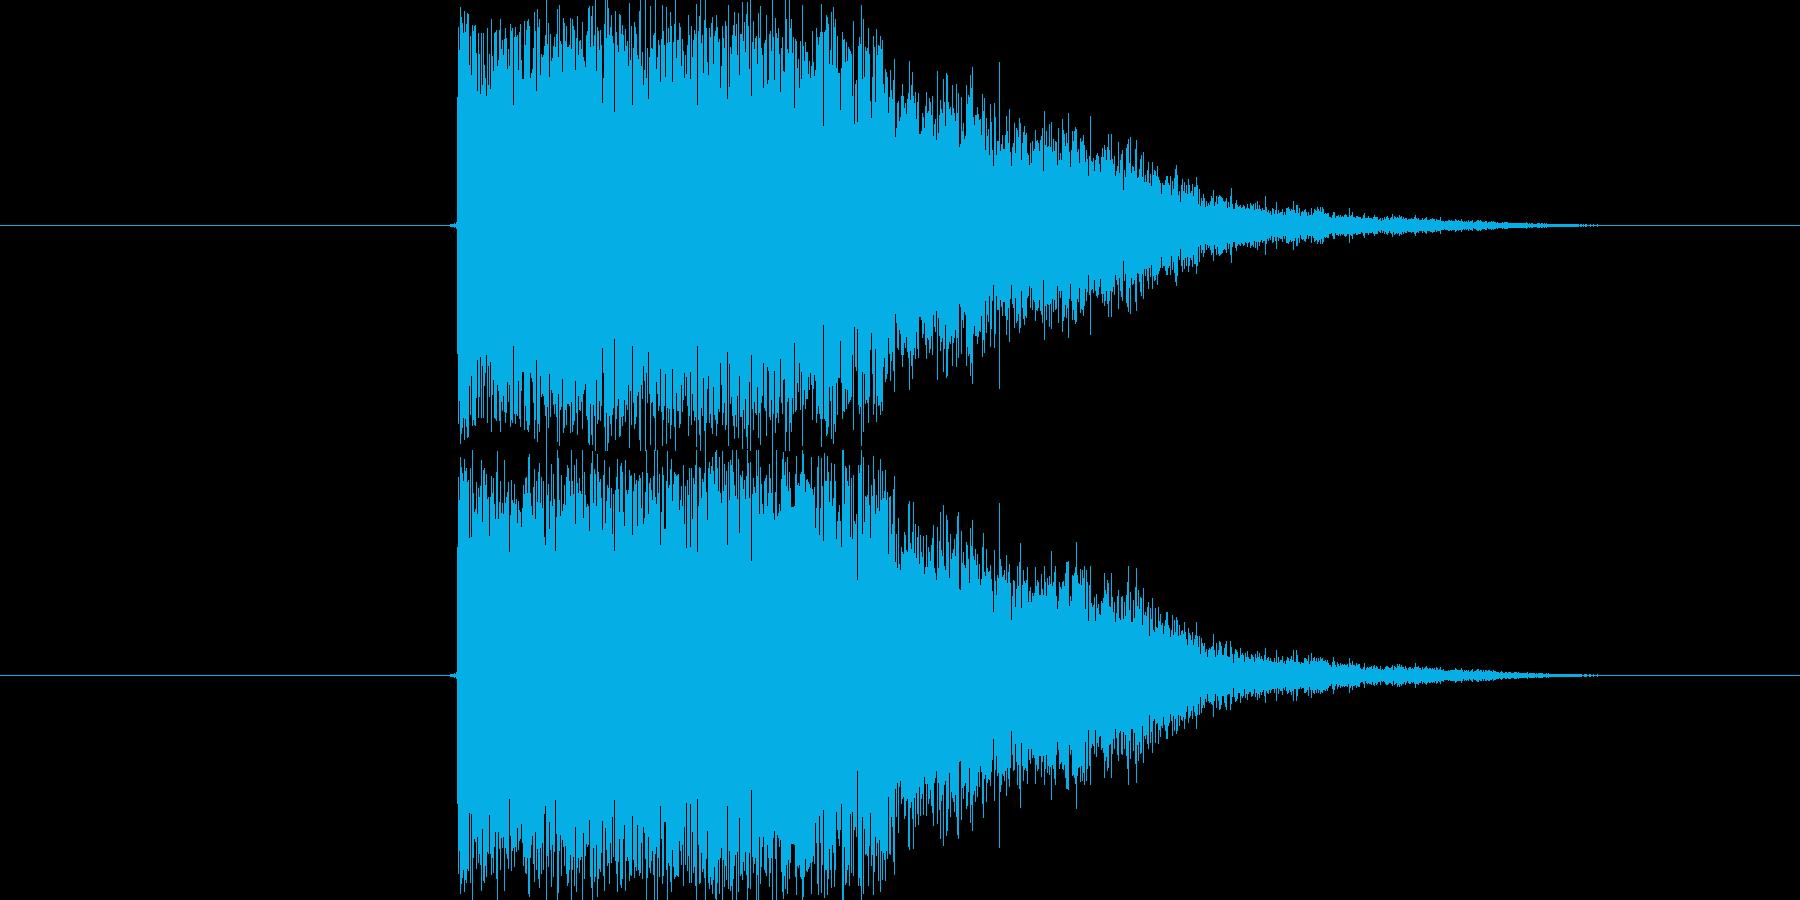 ロボット合体するようなインパクトSEで…の再生済みの波形